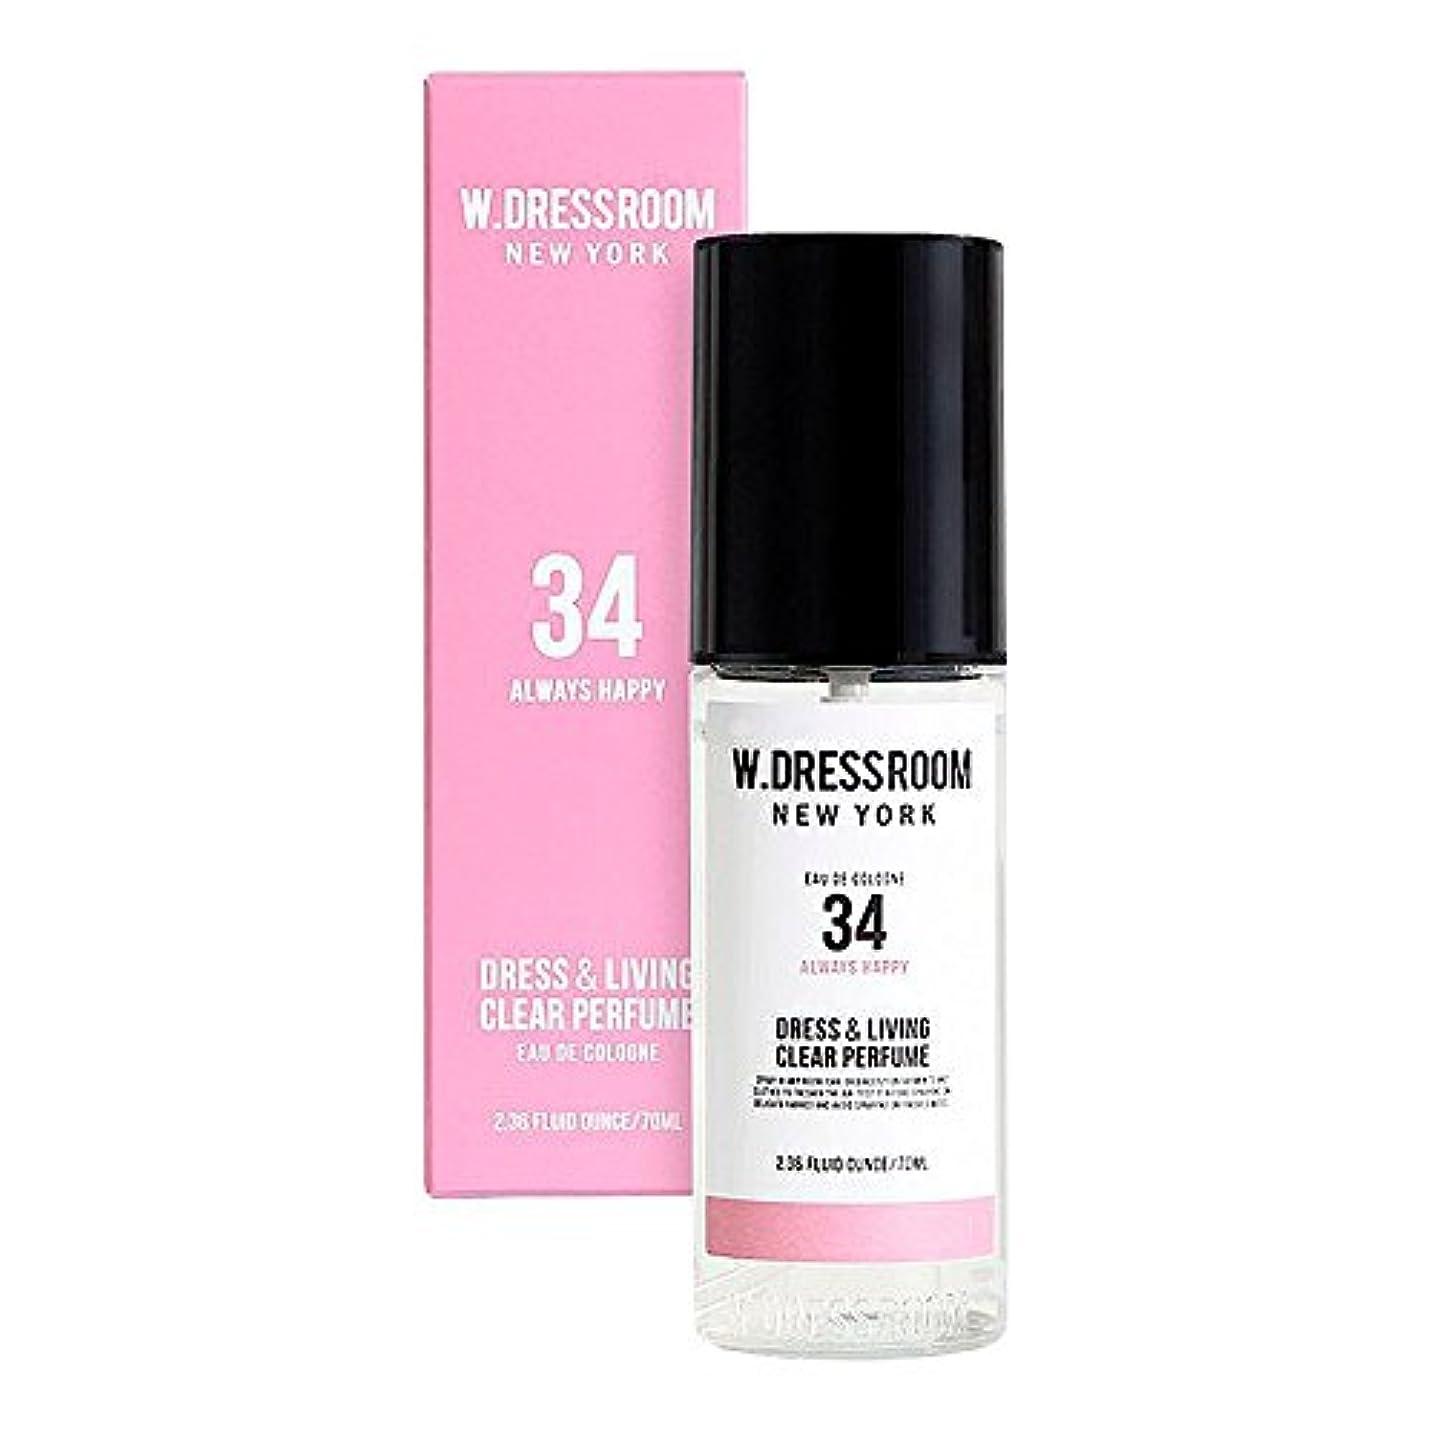 一杯拡声器アテンダントW.DRESSROOM Dress & Living Clear Perfume fragrance 70ml (#No.34 Always Happy)/ダブルドレスルーム ドレス&リビング クリア パフューム 70ml...